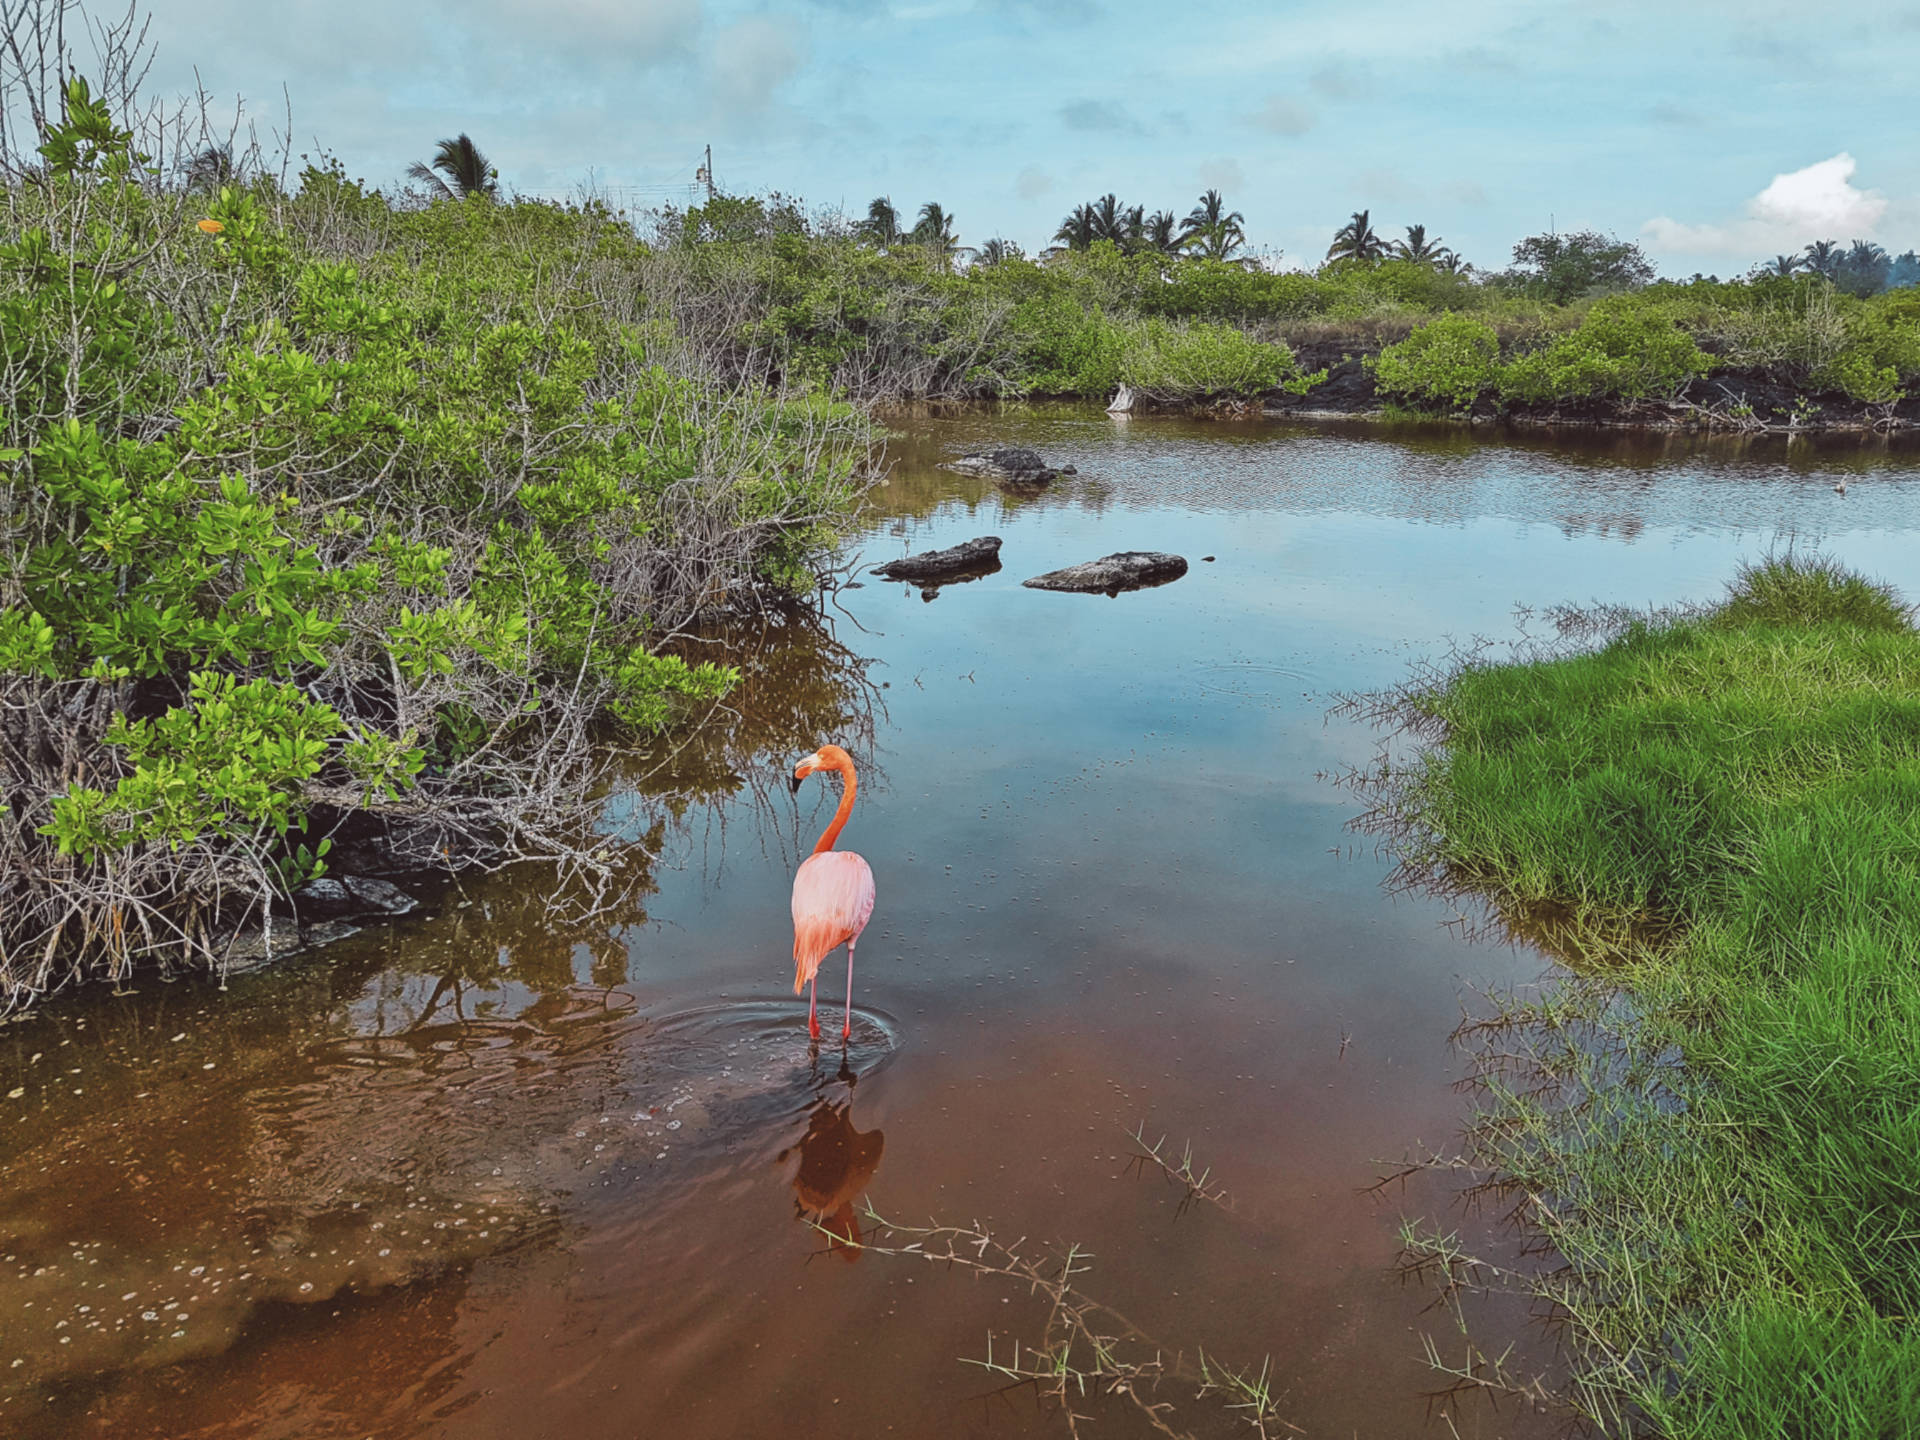 Jak tanio zwiedzić Wyspy Galapagos Darmowe atrakcje nawyspach (19)